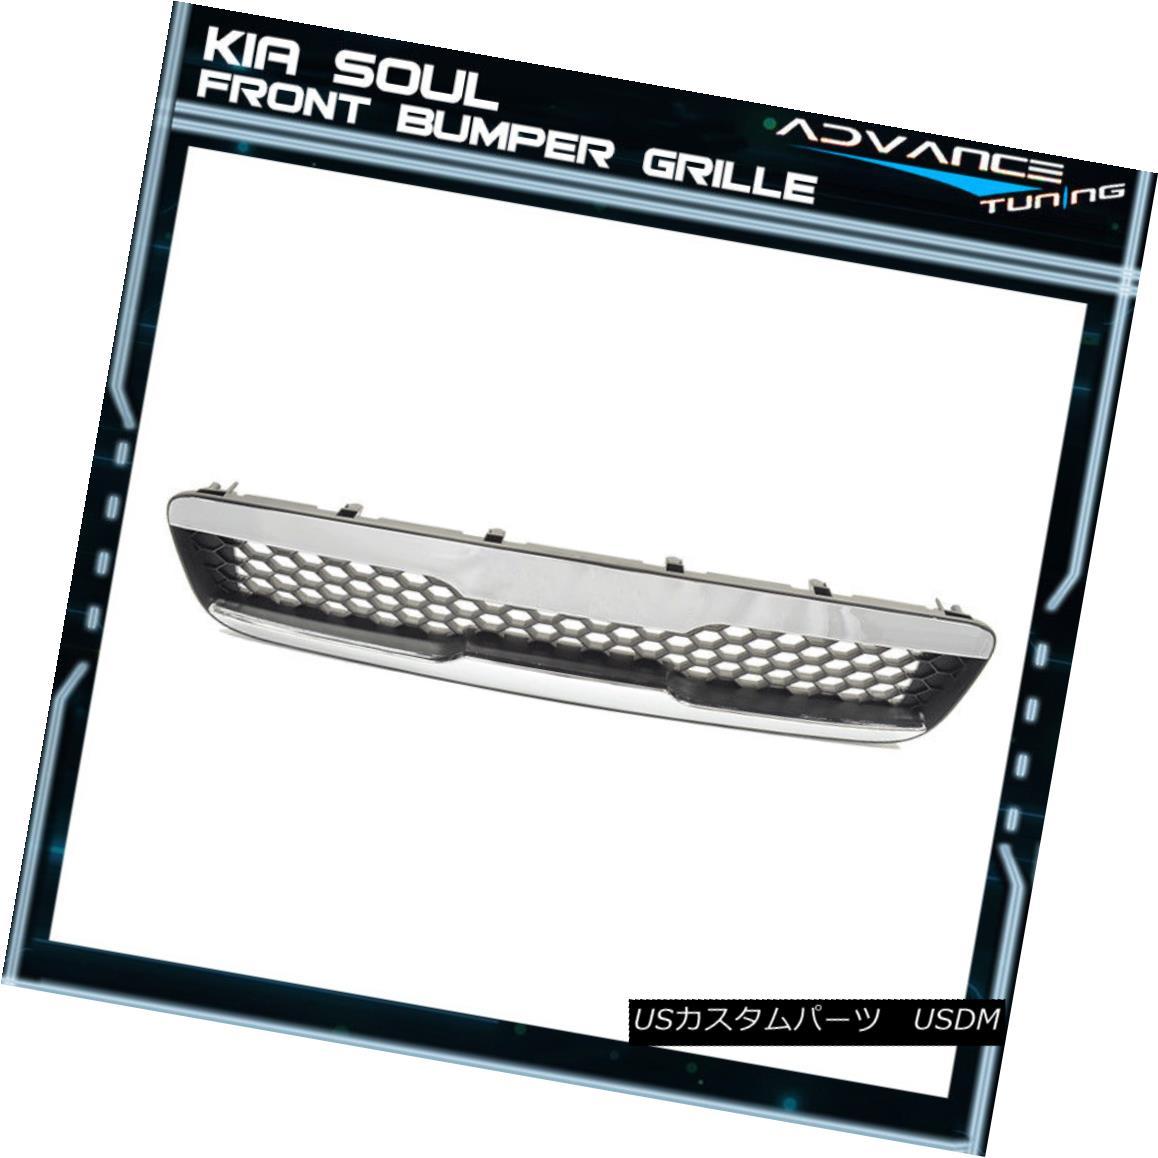 グリル Fit For 11-13 Kia Soul Front Bumper Grille Grill Mesh OE Type - Chrome Black 11-13 Kia SoulフロントバンパーグリルグリルメッシュOEタイプに適合 - クロムブラック